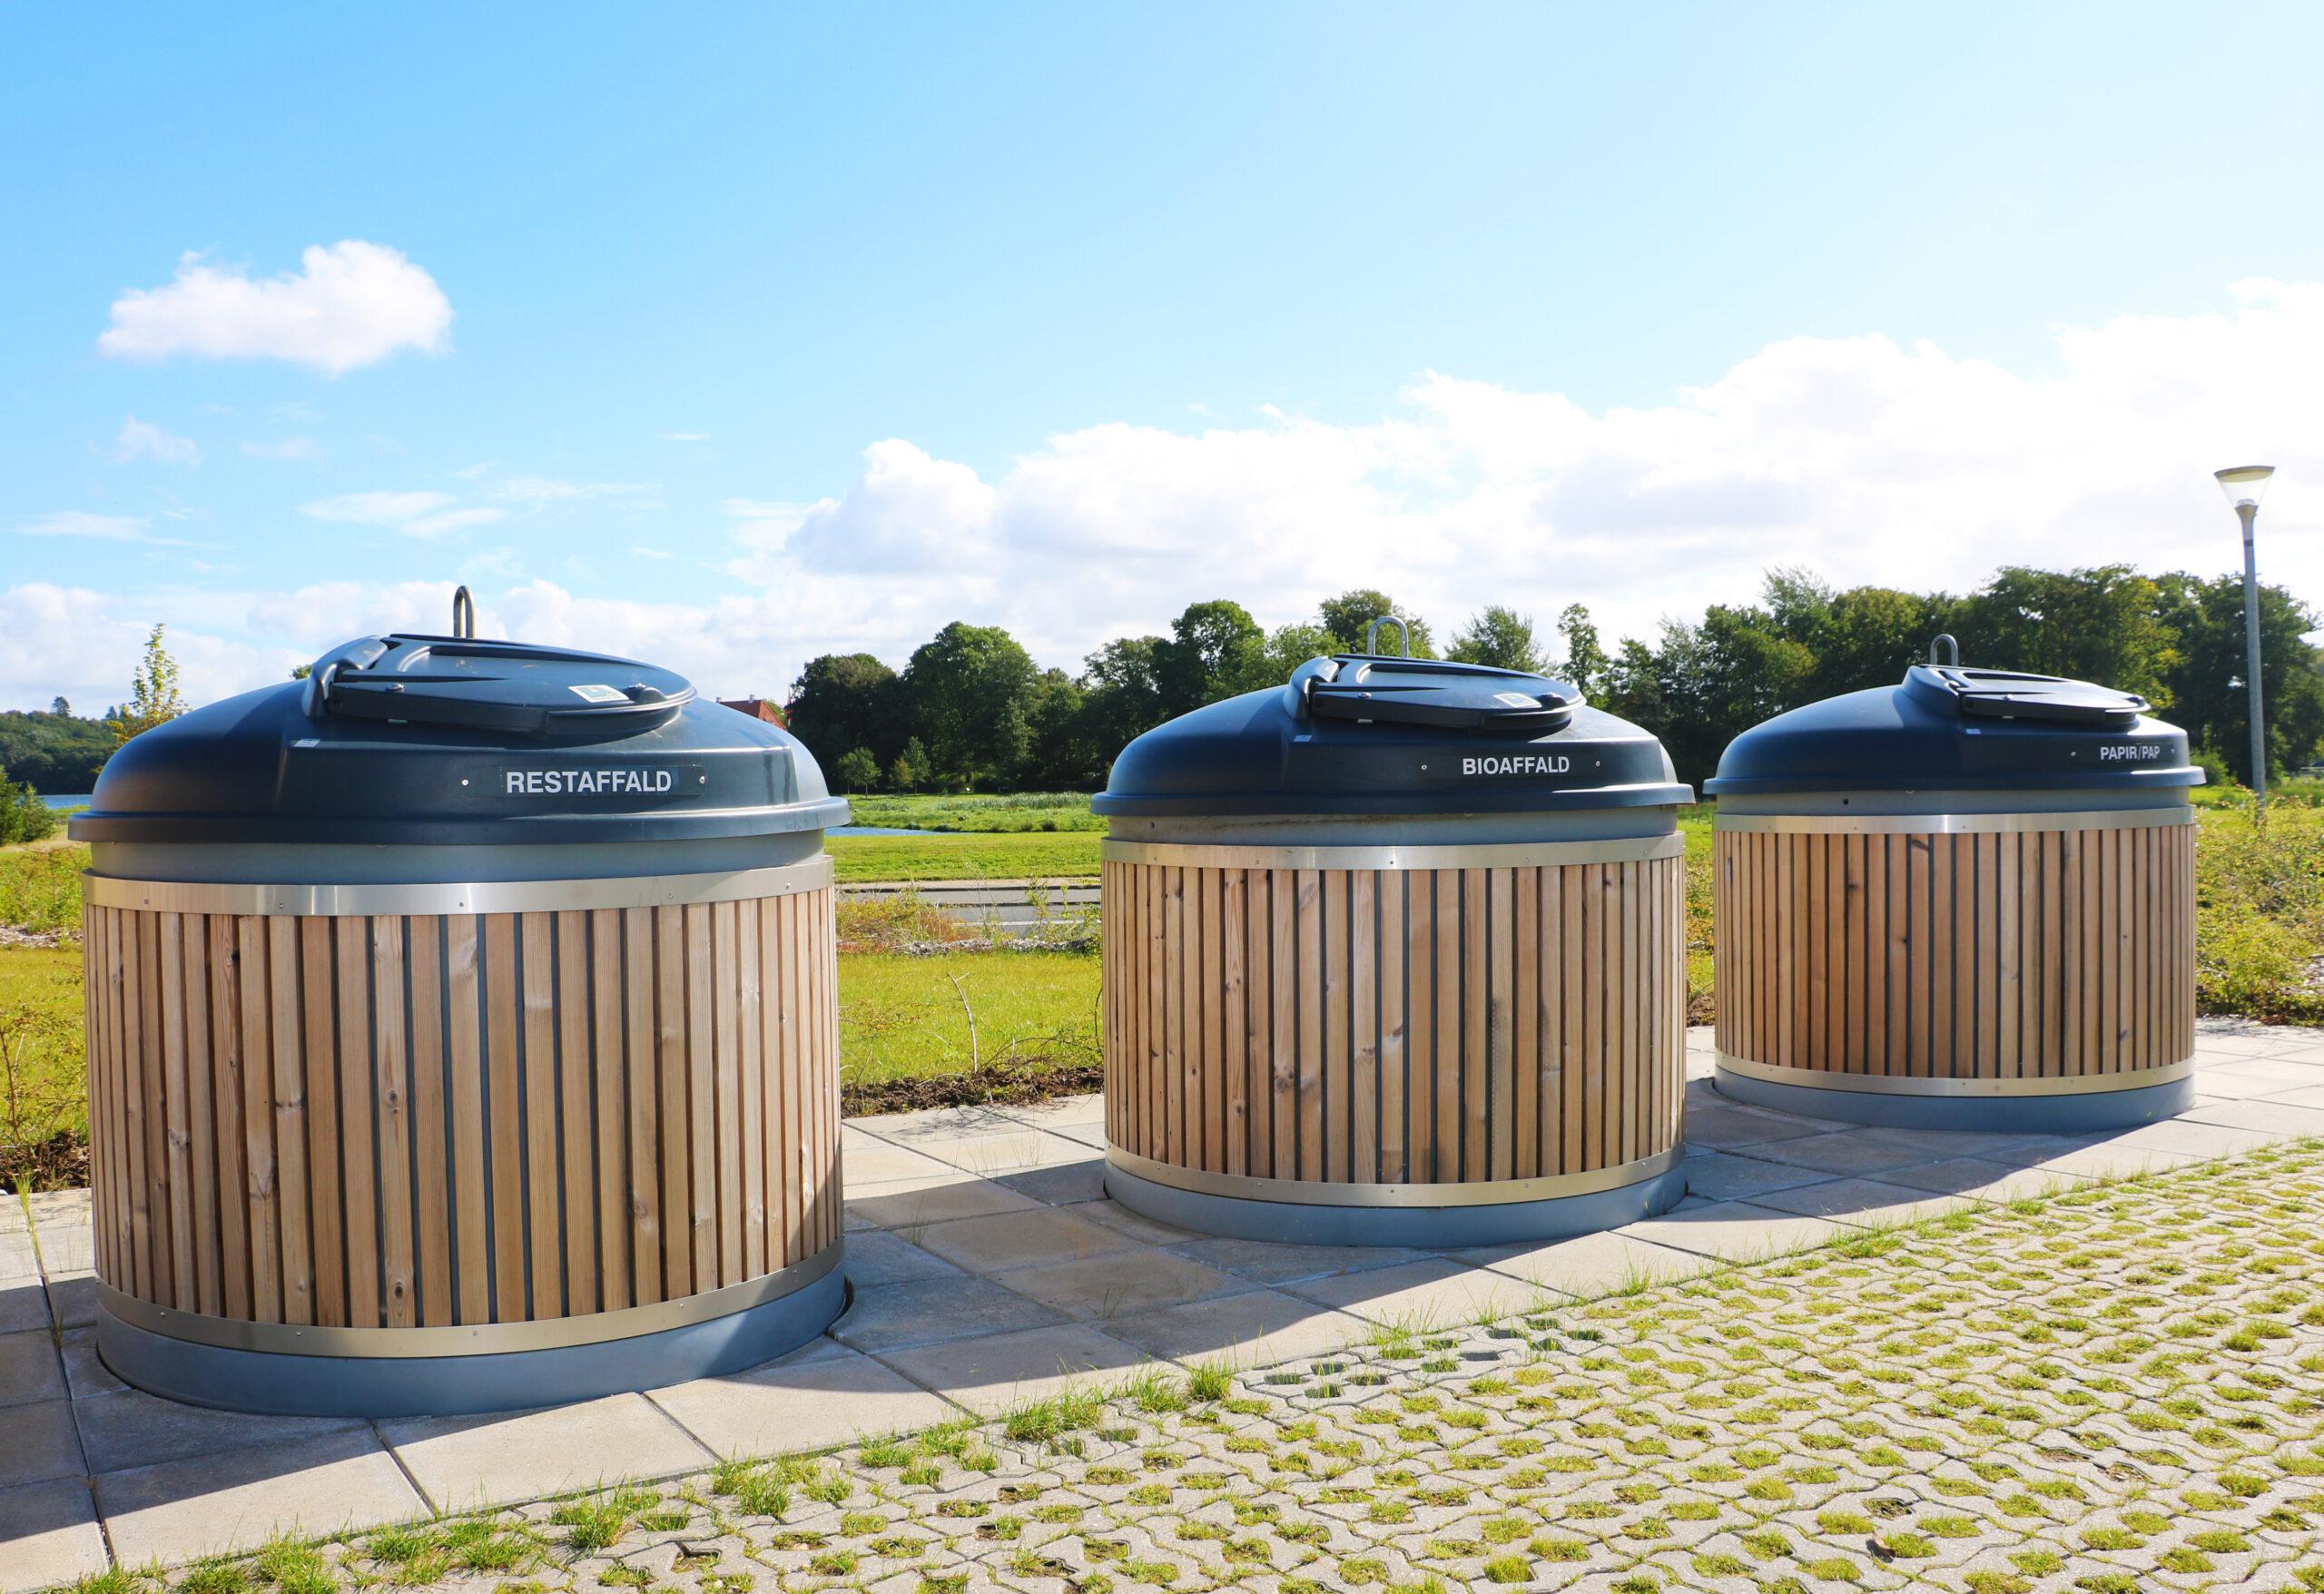 Molok®Classic, Sønæshave, Viborg, Rækkehuse med udsigt til natur